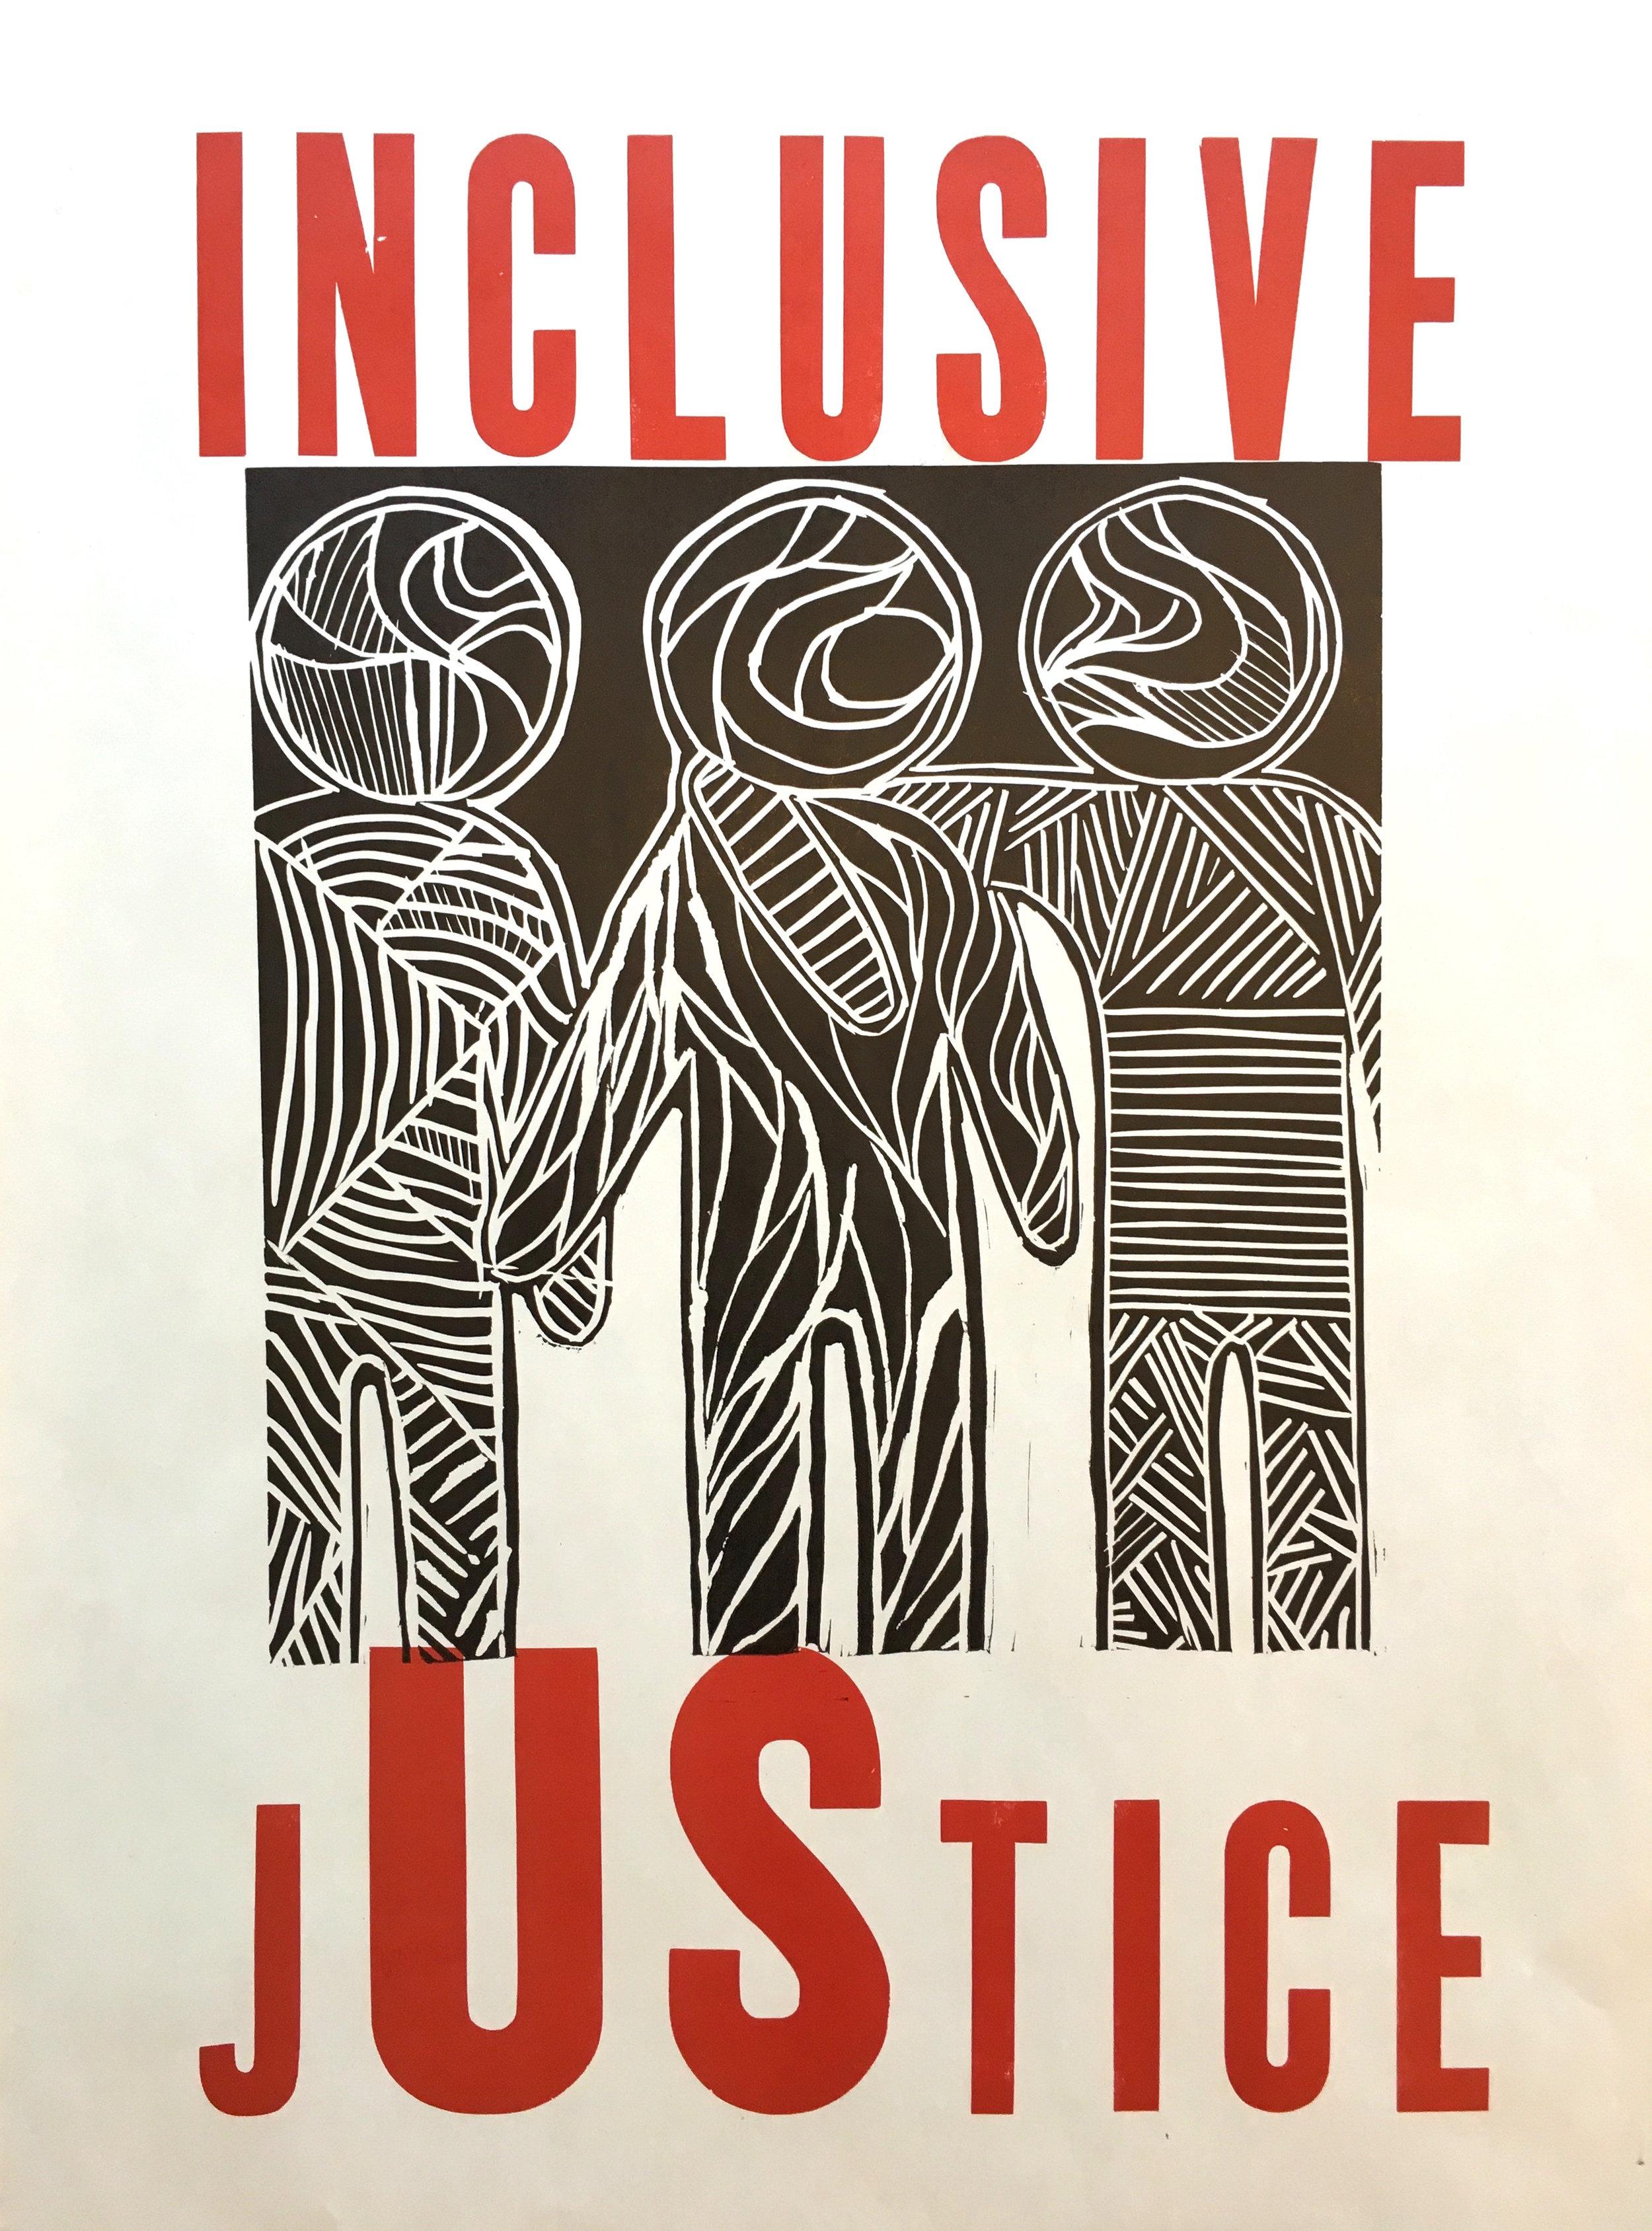 Papalote Justice 3.jpg